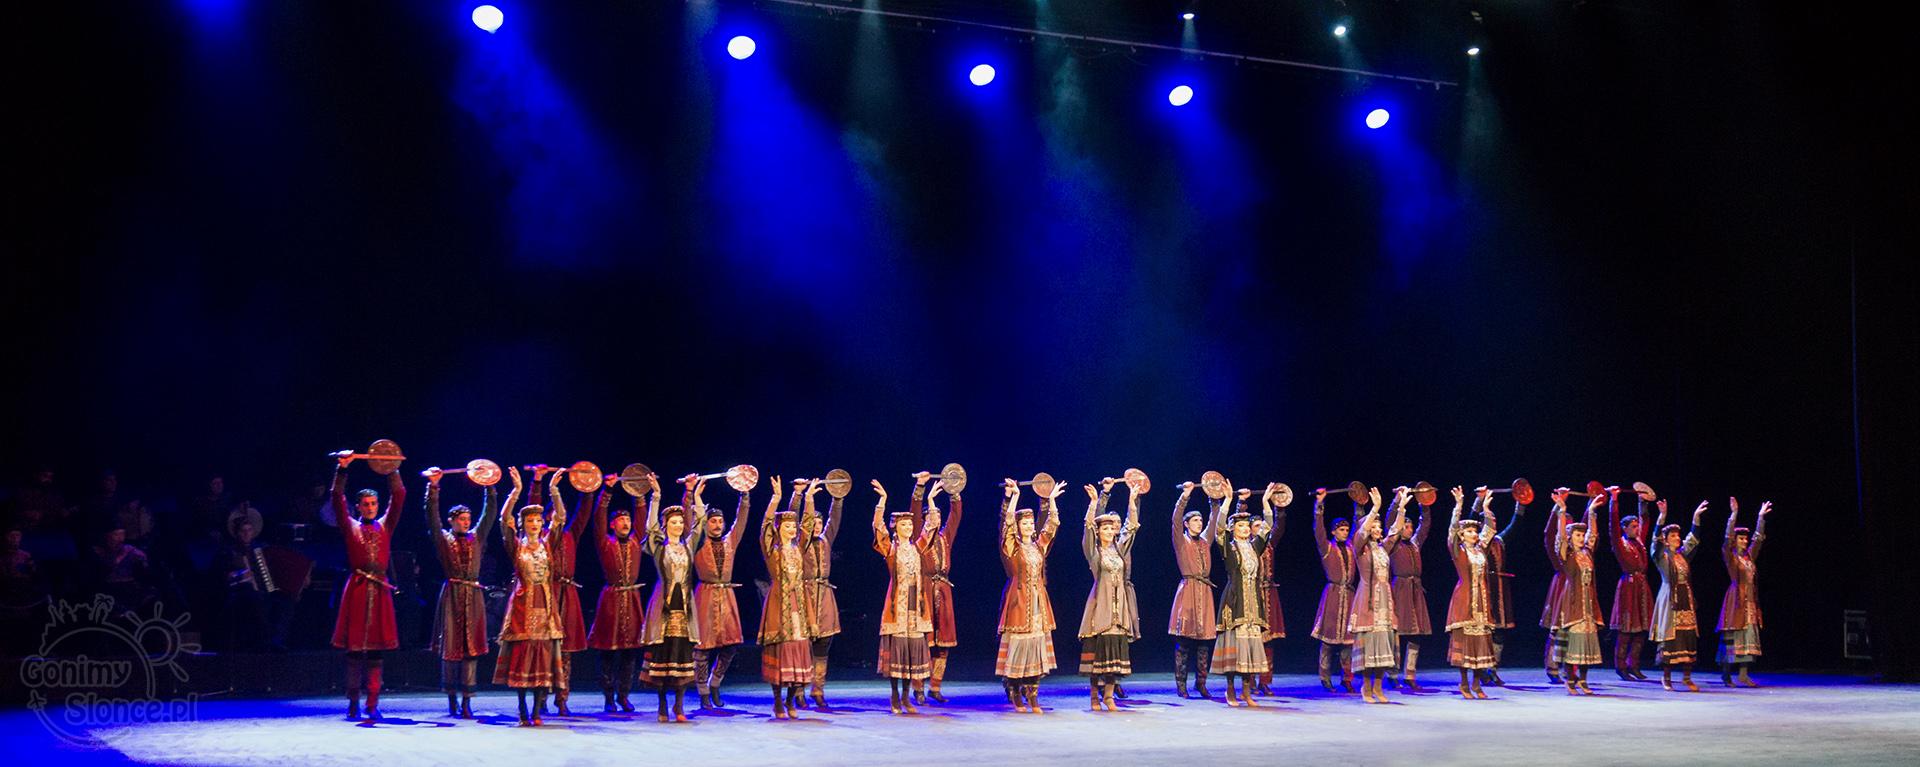 Narodowy Balet Gruzji Sukhishvili 07 blog kulturalny